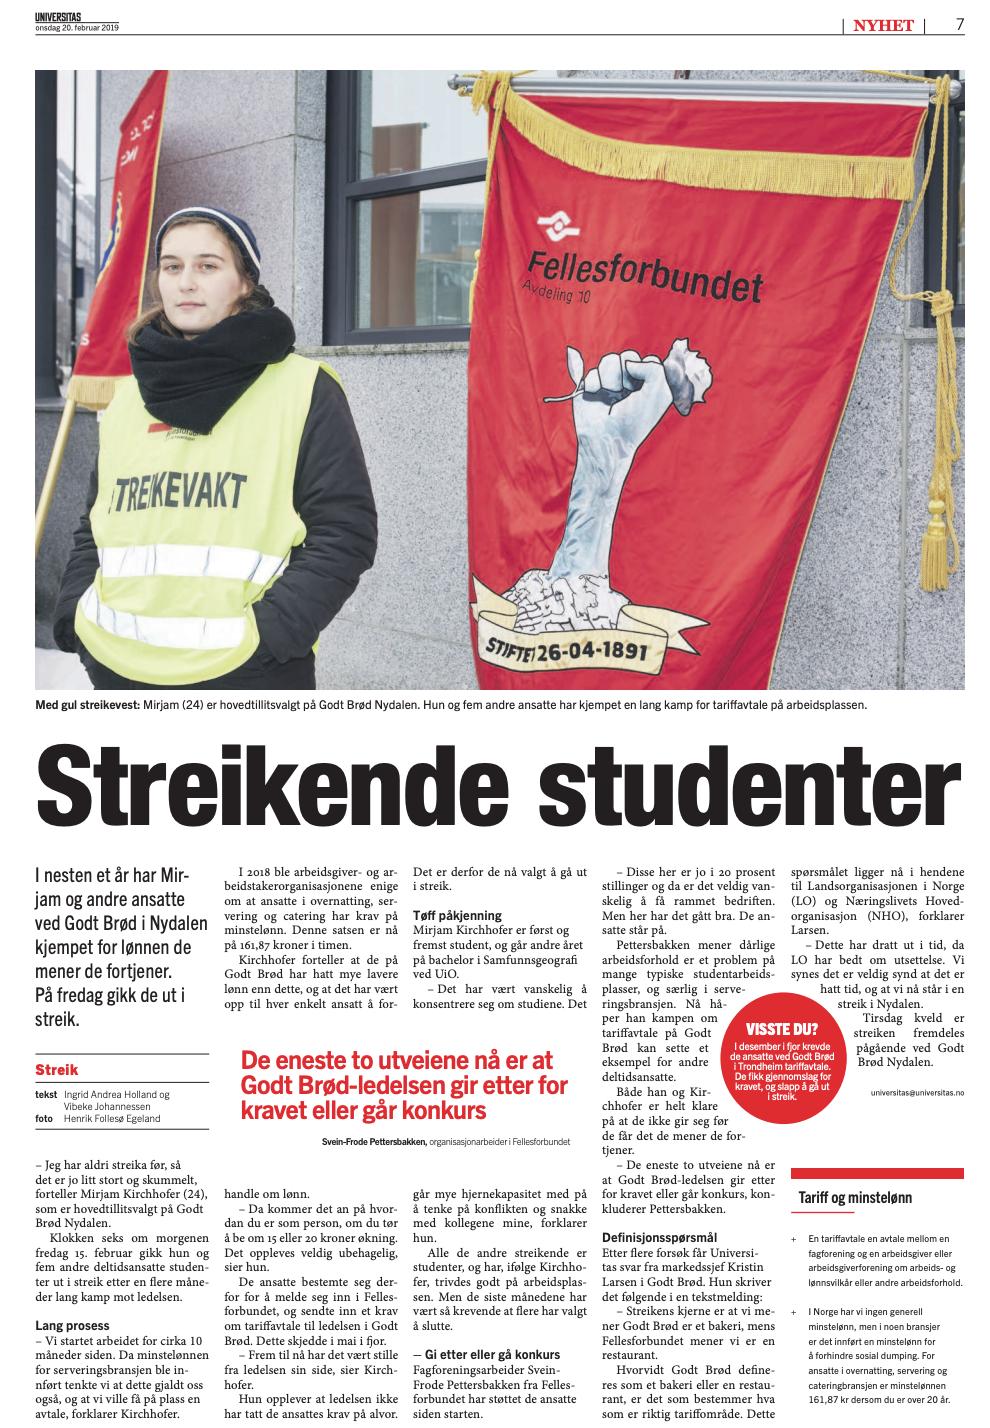 Studentsstreik -